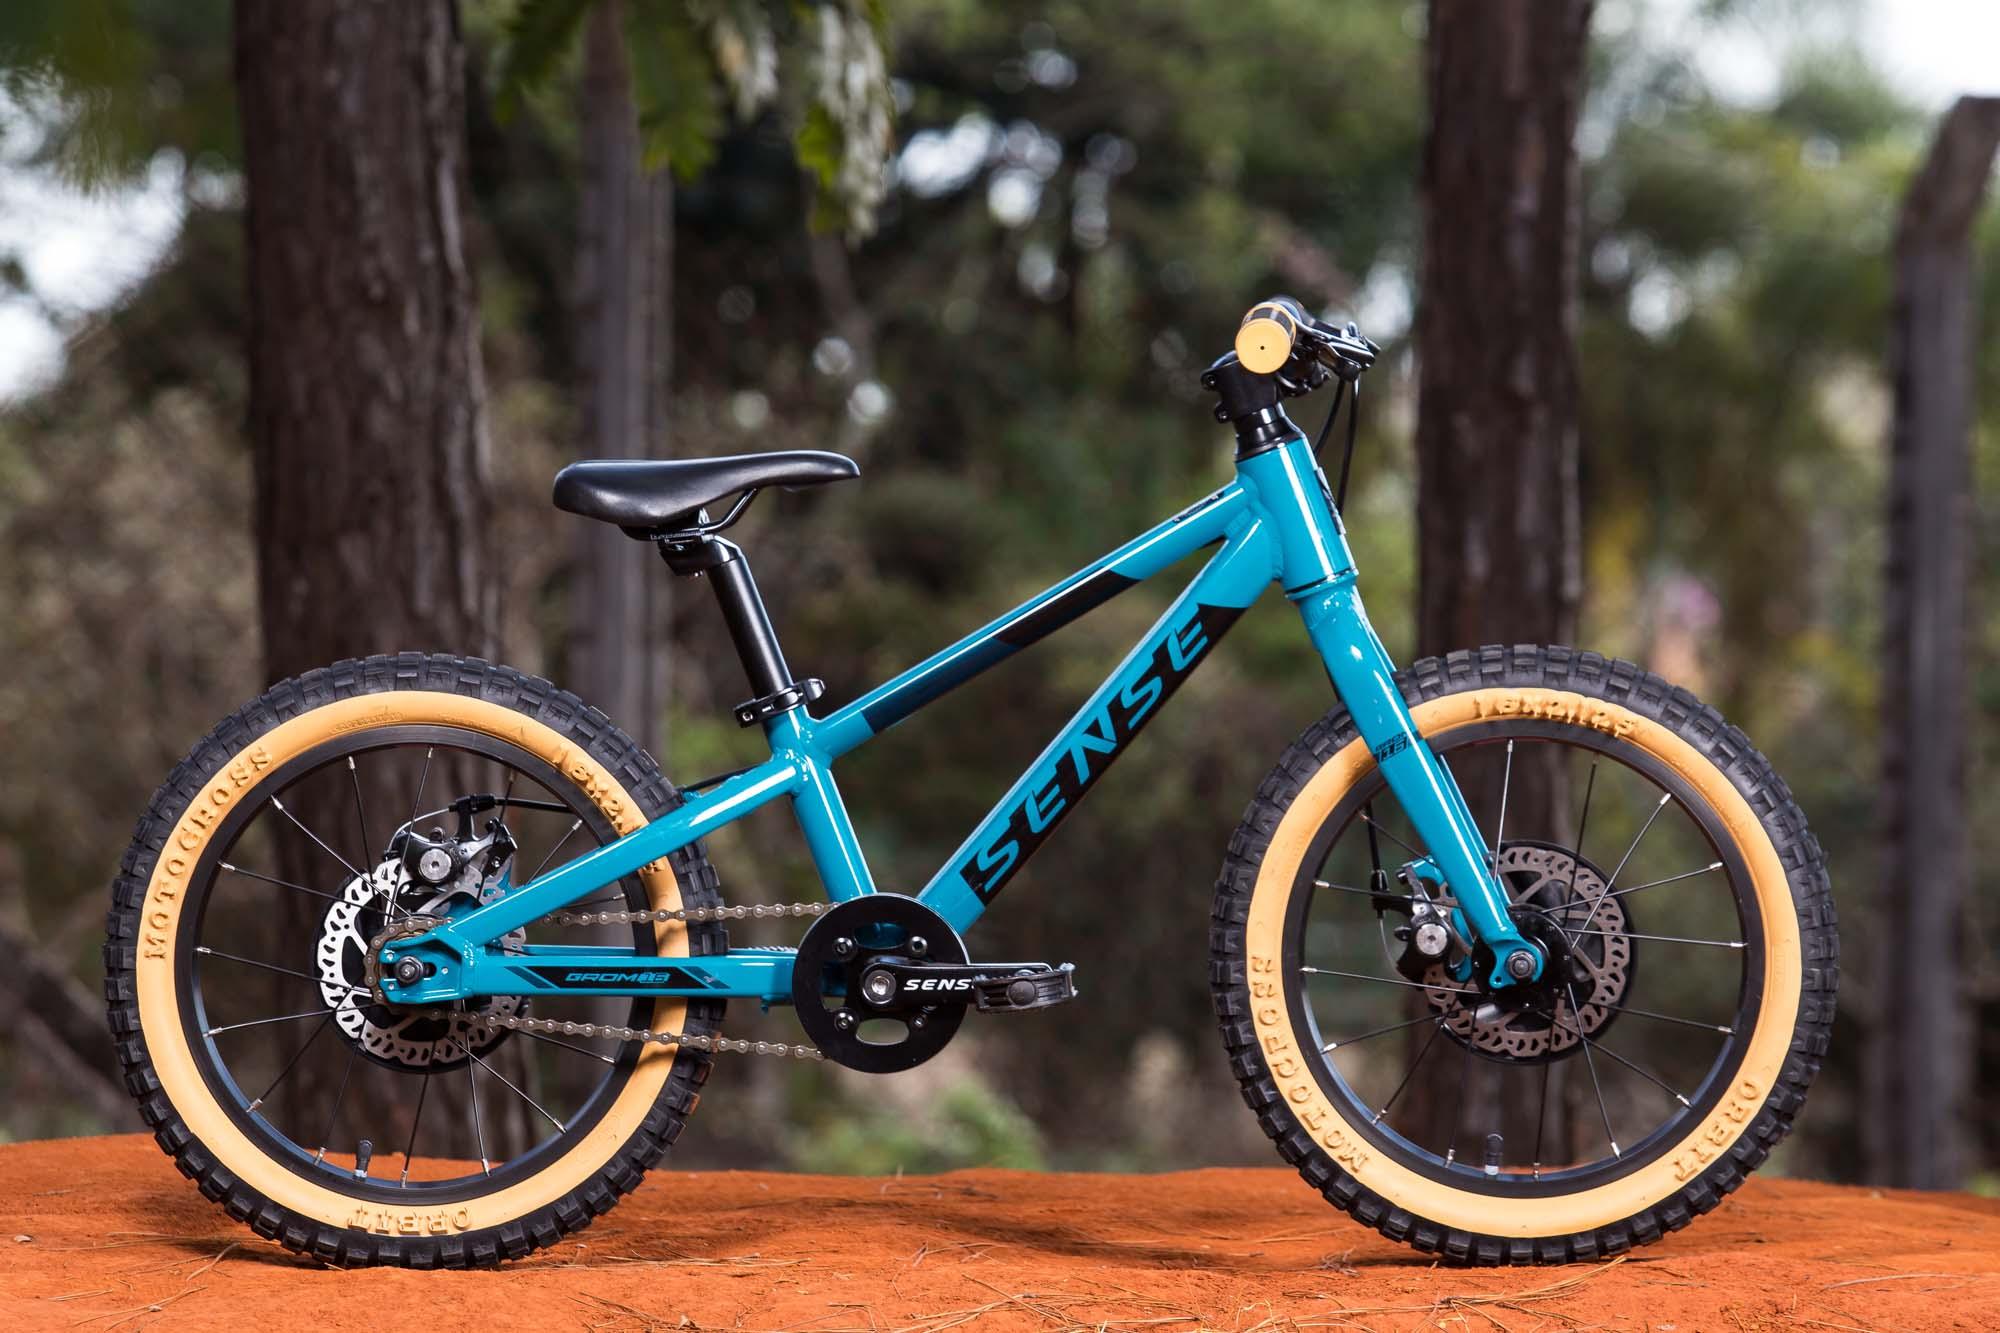 Bicicleta Sense Alum Grom Aro 16 Aqua/Preto